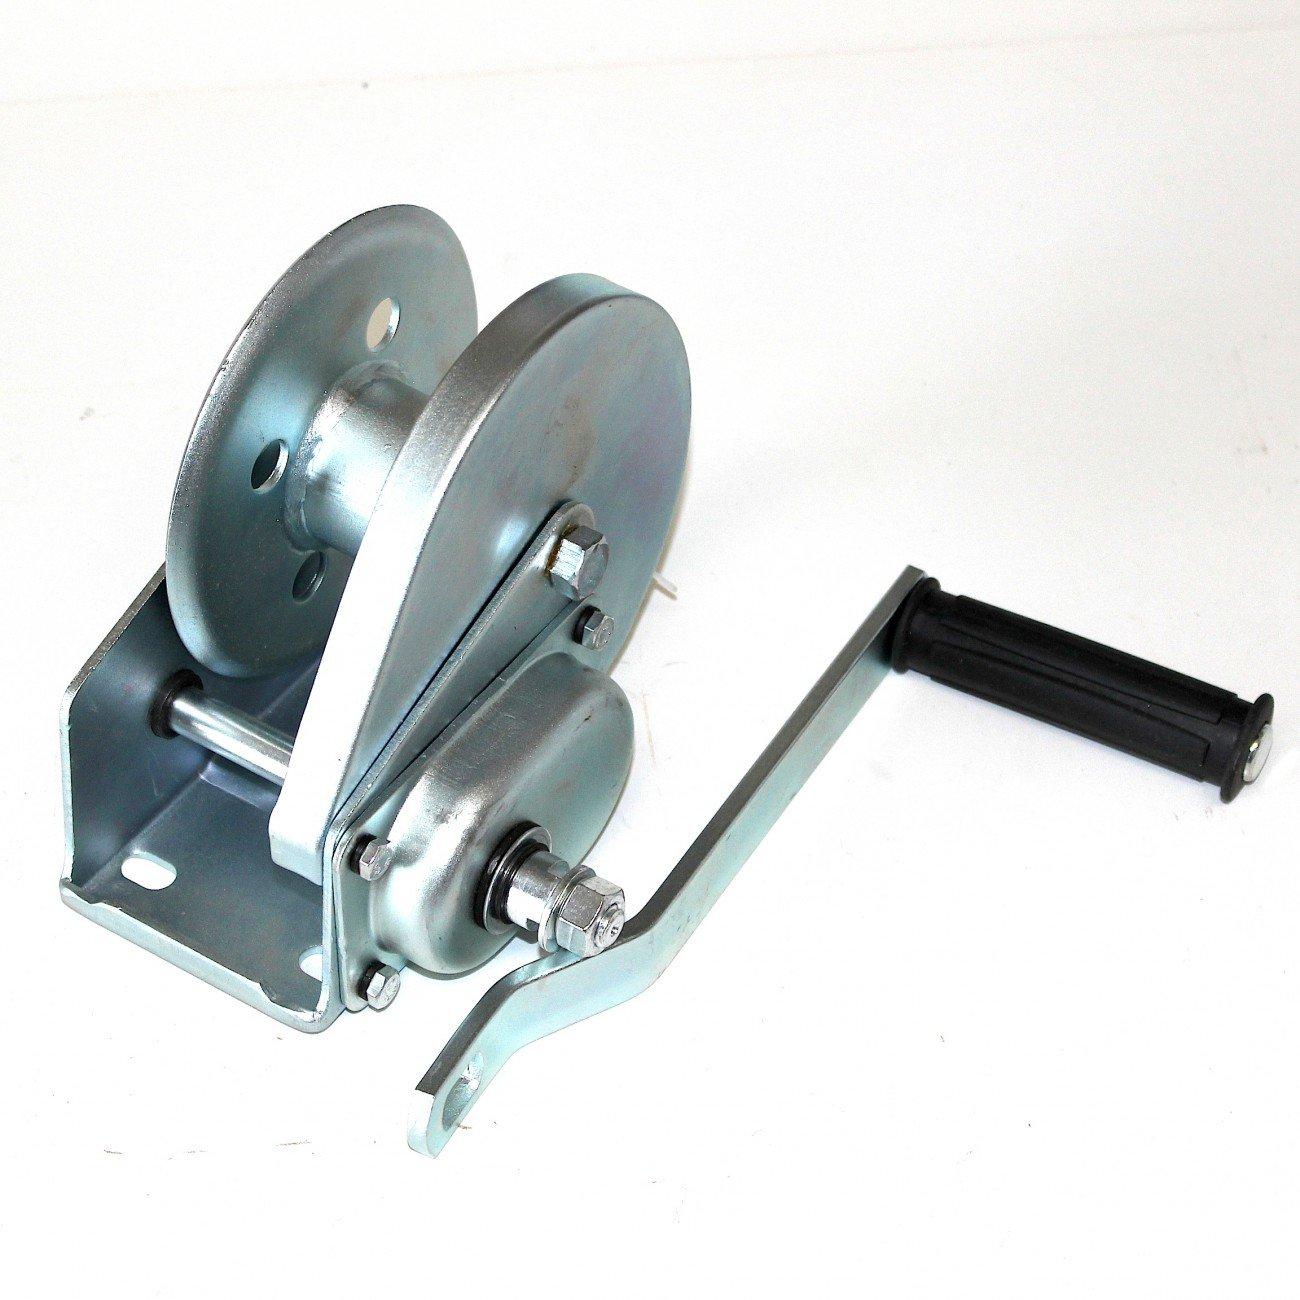 Seilwinde Handbetrieb mit eingebauter Bremse, daher auch zum Heben ...